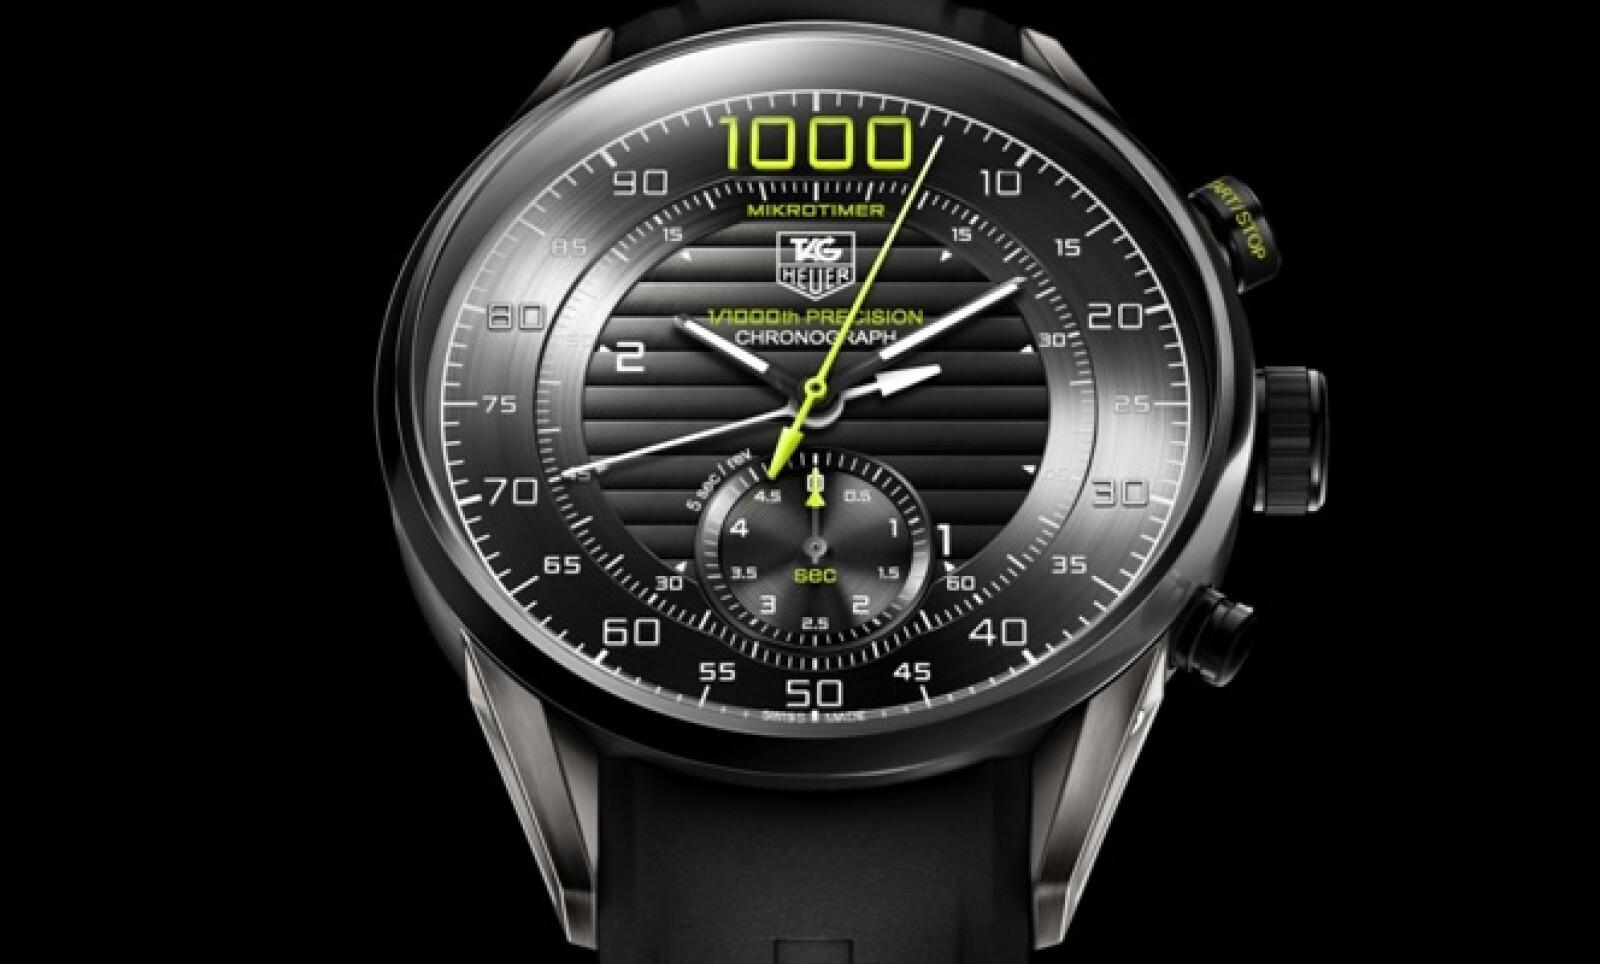 La firma suiza recibió el premio al 'Mejor reloj deportivo' en el Grand Prix de Ginebra 2011 por esta pieza, que es capaz de medir la milésima del segundo de una forma mecánica.